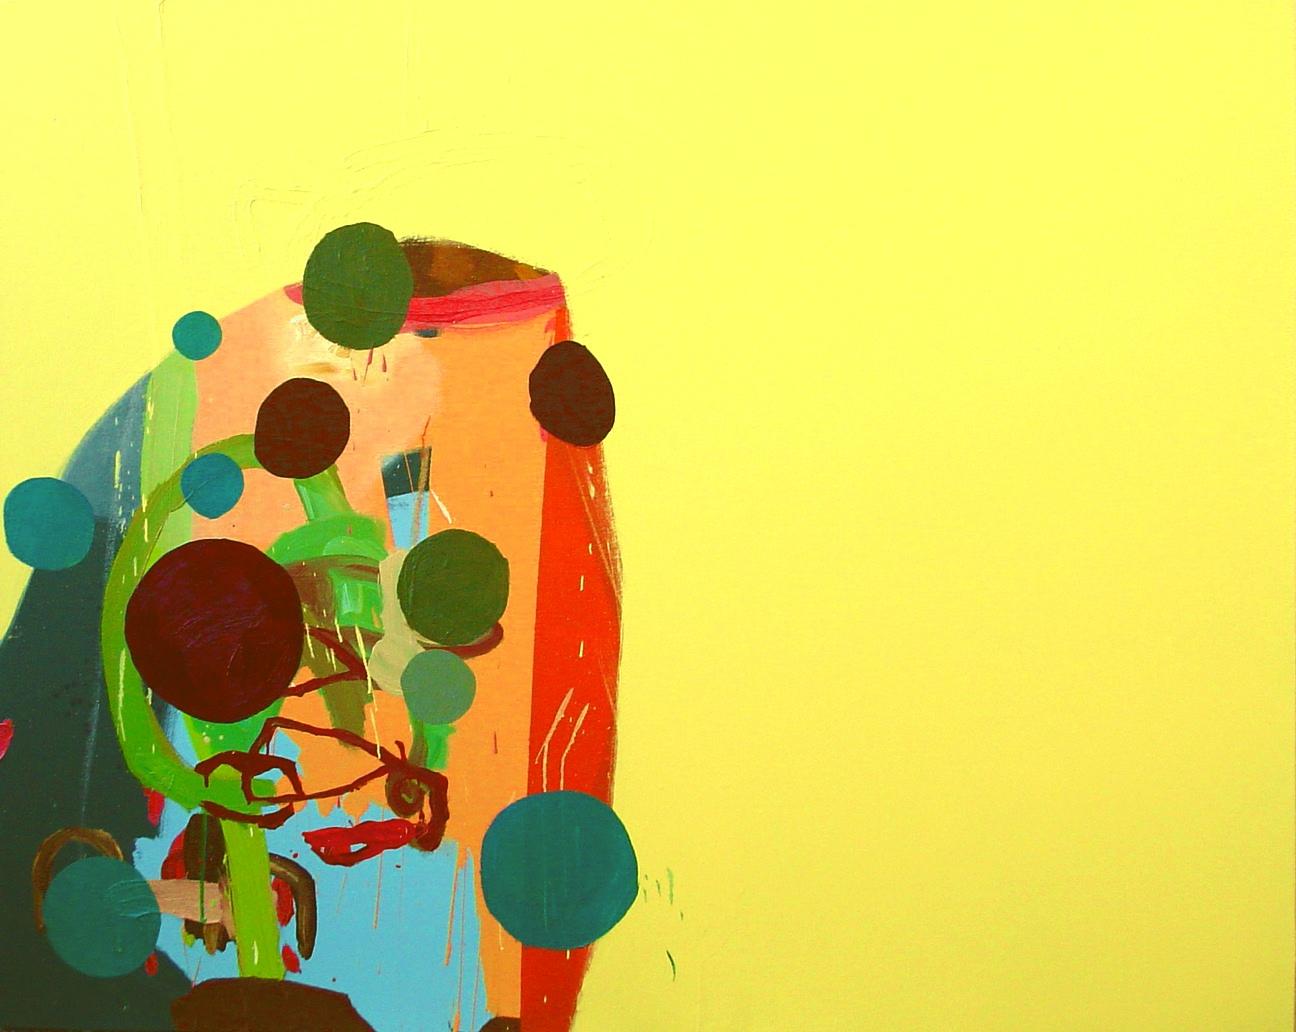 Jennifer Lefort, Full of Yellow, 2005